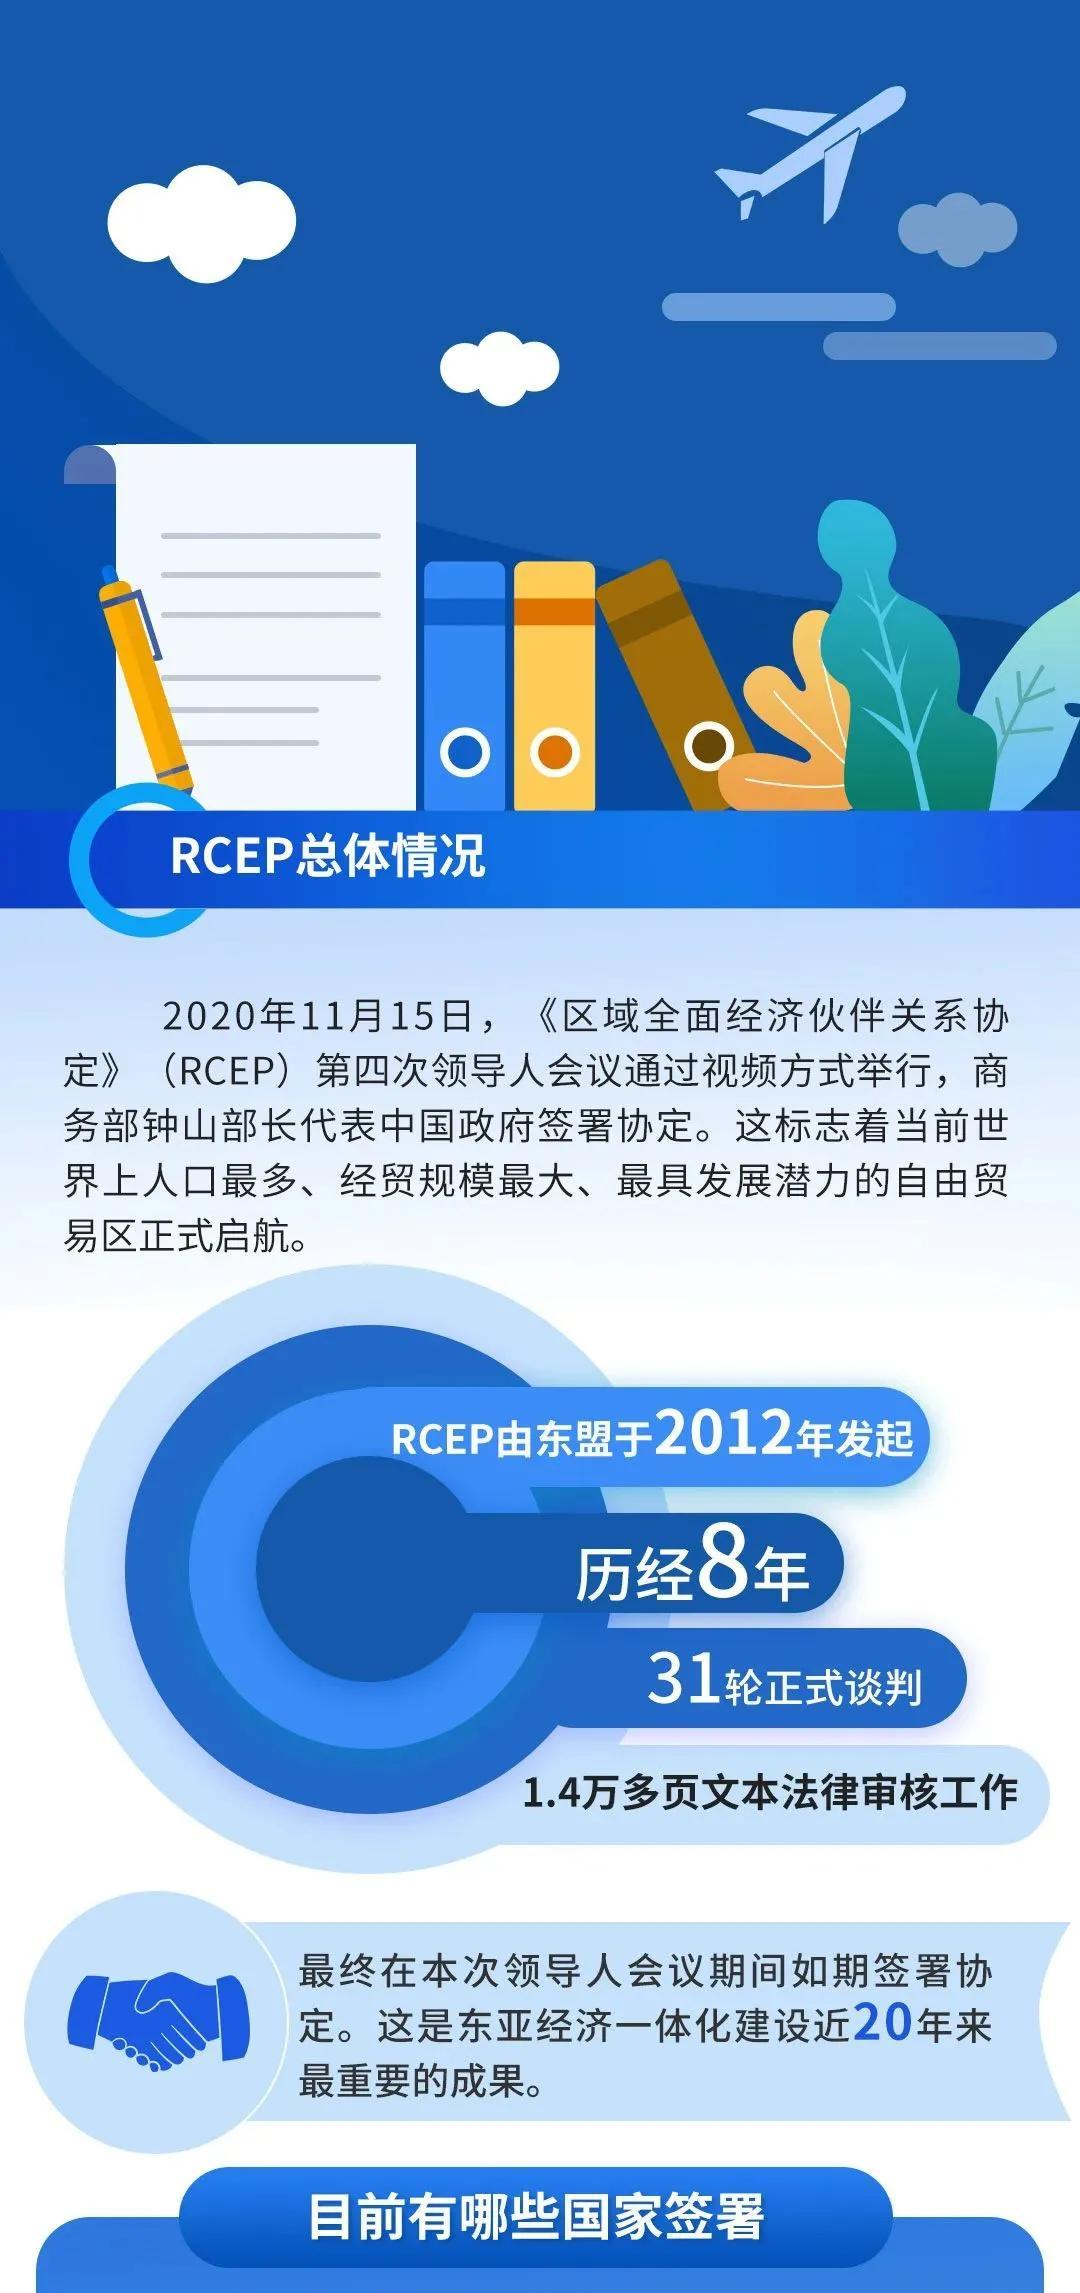 RCEP正式达成,商务部解读跨境电商重大利好!(图2)